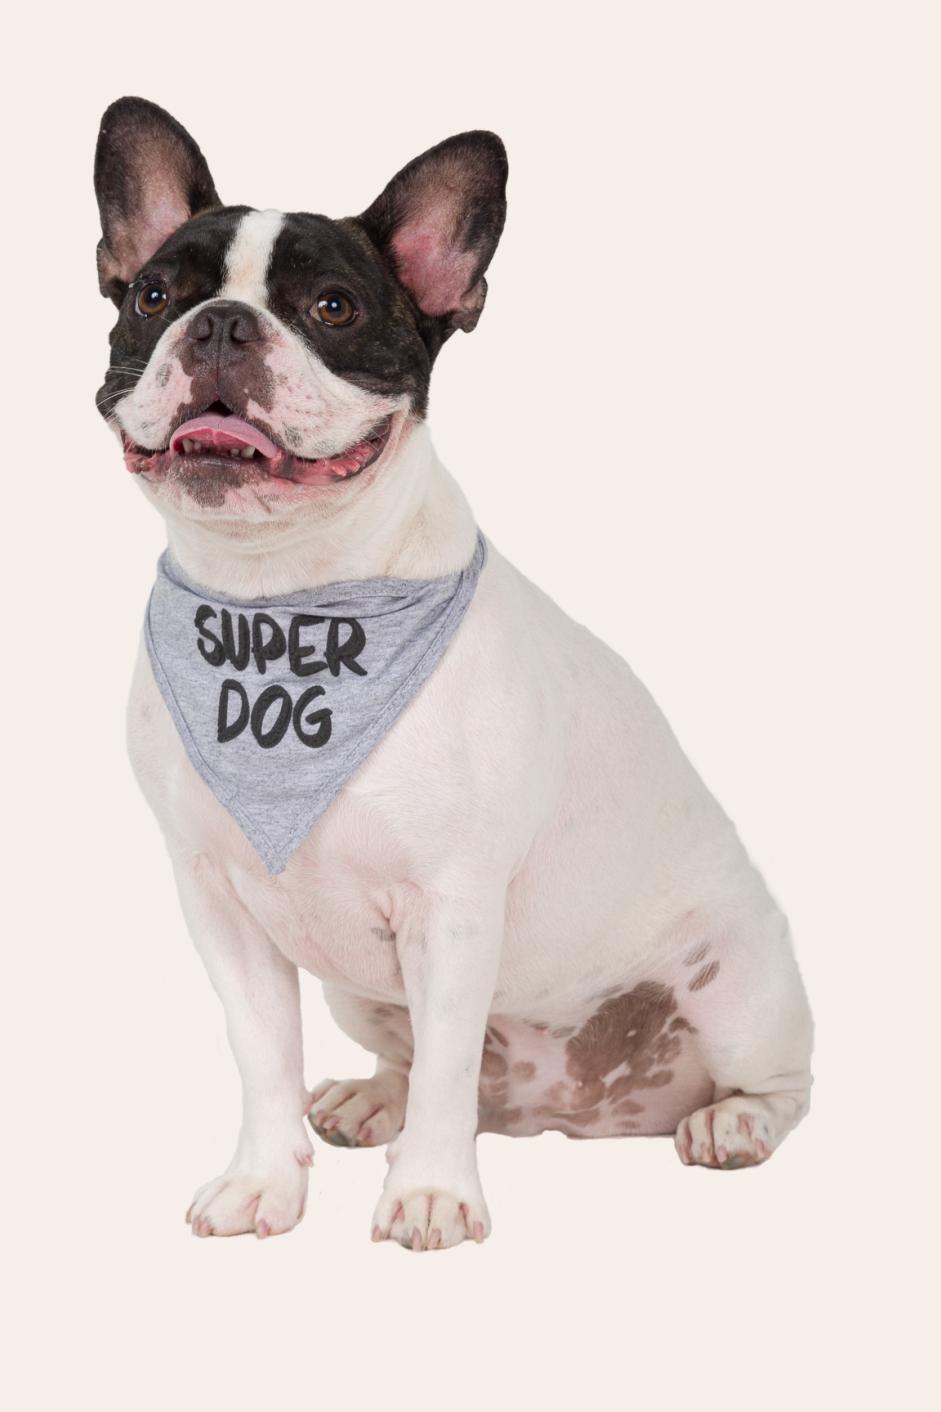 014/U - Bandana Pet  Super Dog